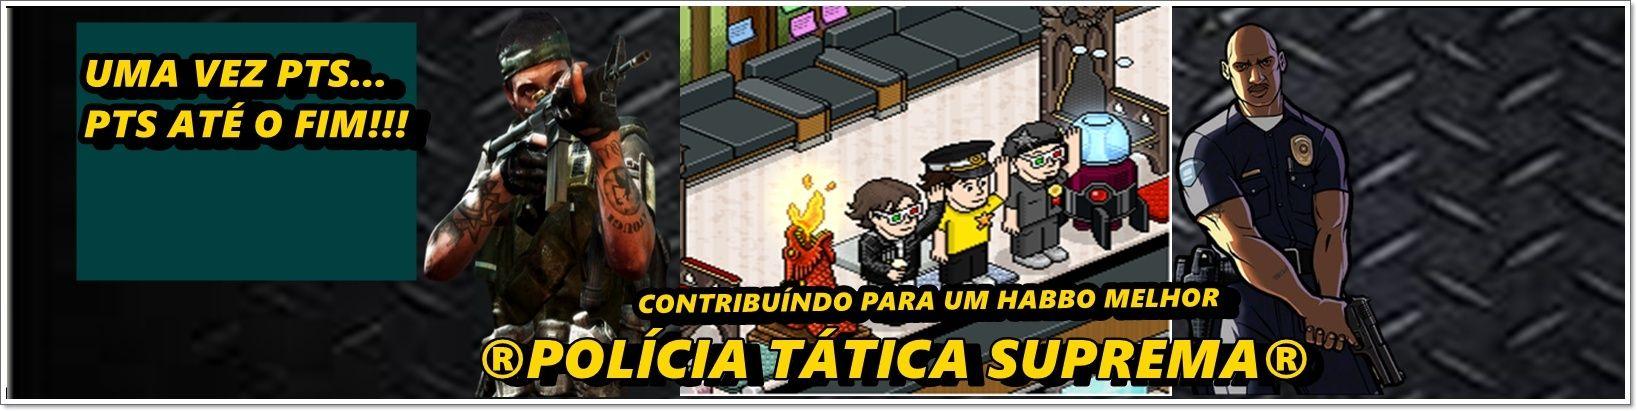 Polícia Tática Suprema